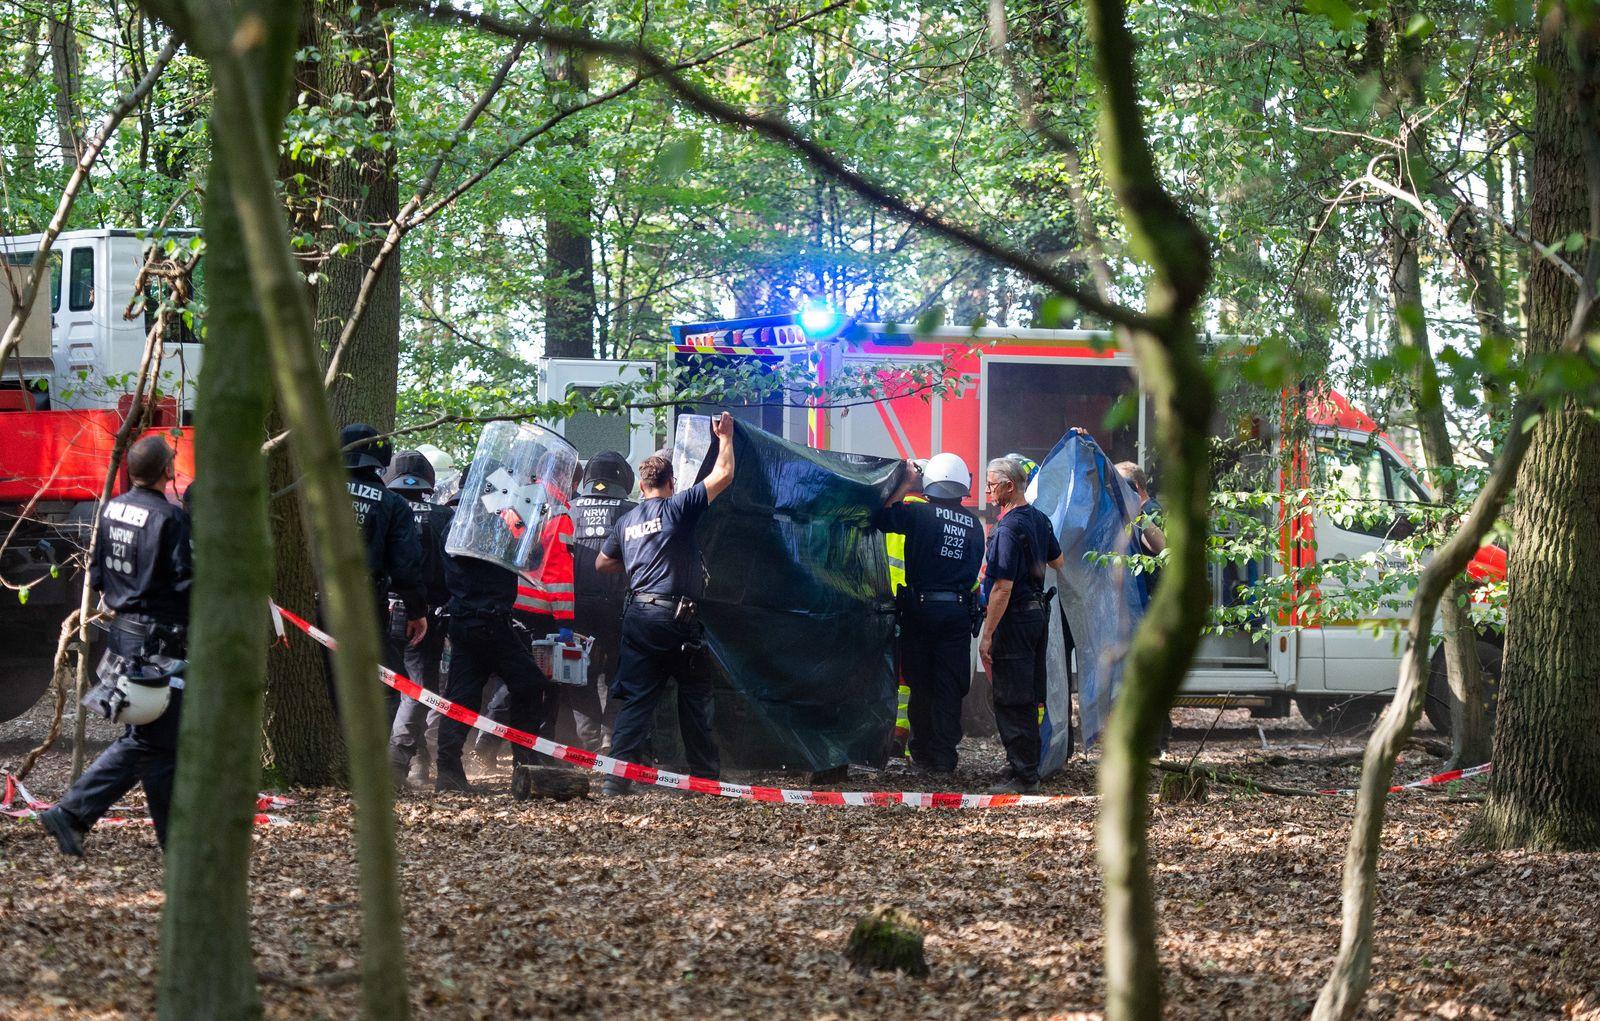 Tod von Journalist im Hambacher Forst